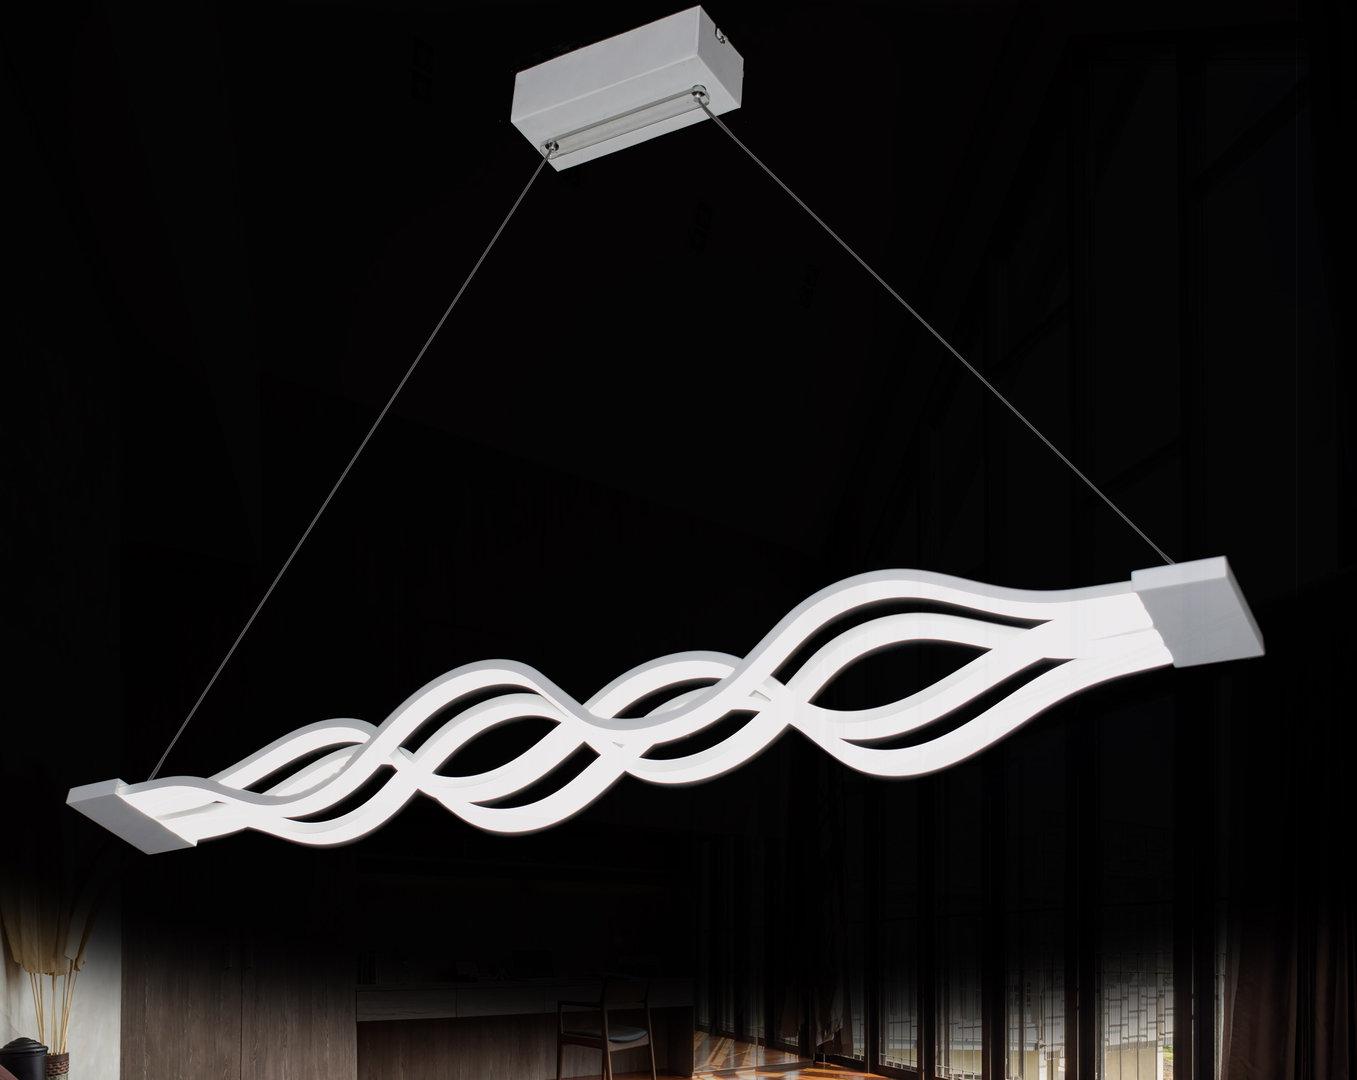 Full Size of Led Wohnzimmer Deckenleuchte Deckenlampe Hngelampe Modern Design Sofa Kleines Landhausstil Deckenlampen Für Schrankwand Anbauwand Bad Vorhang Teppich Kommode Wohnzimmer Led Wohnzimmer Deckenleuchte